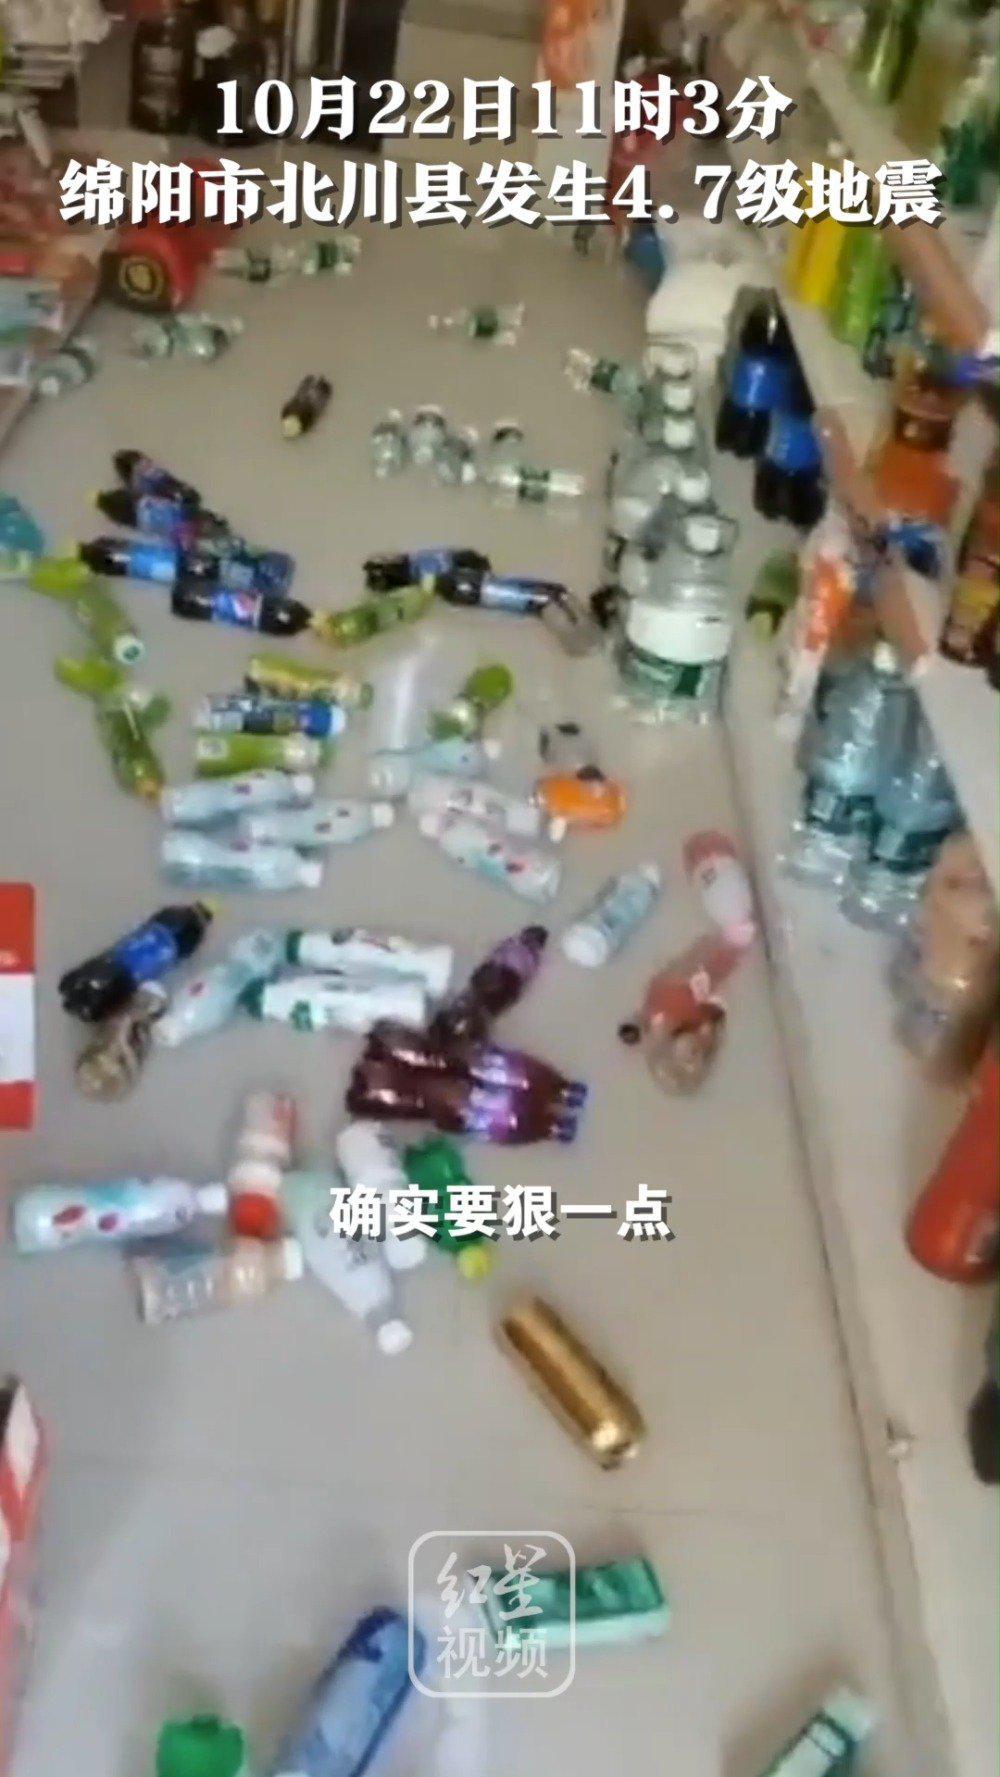 四川北川发生4.7级地震 民警第一时间赶往学校帮助疏散师生